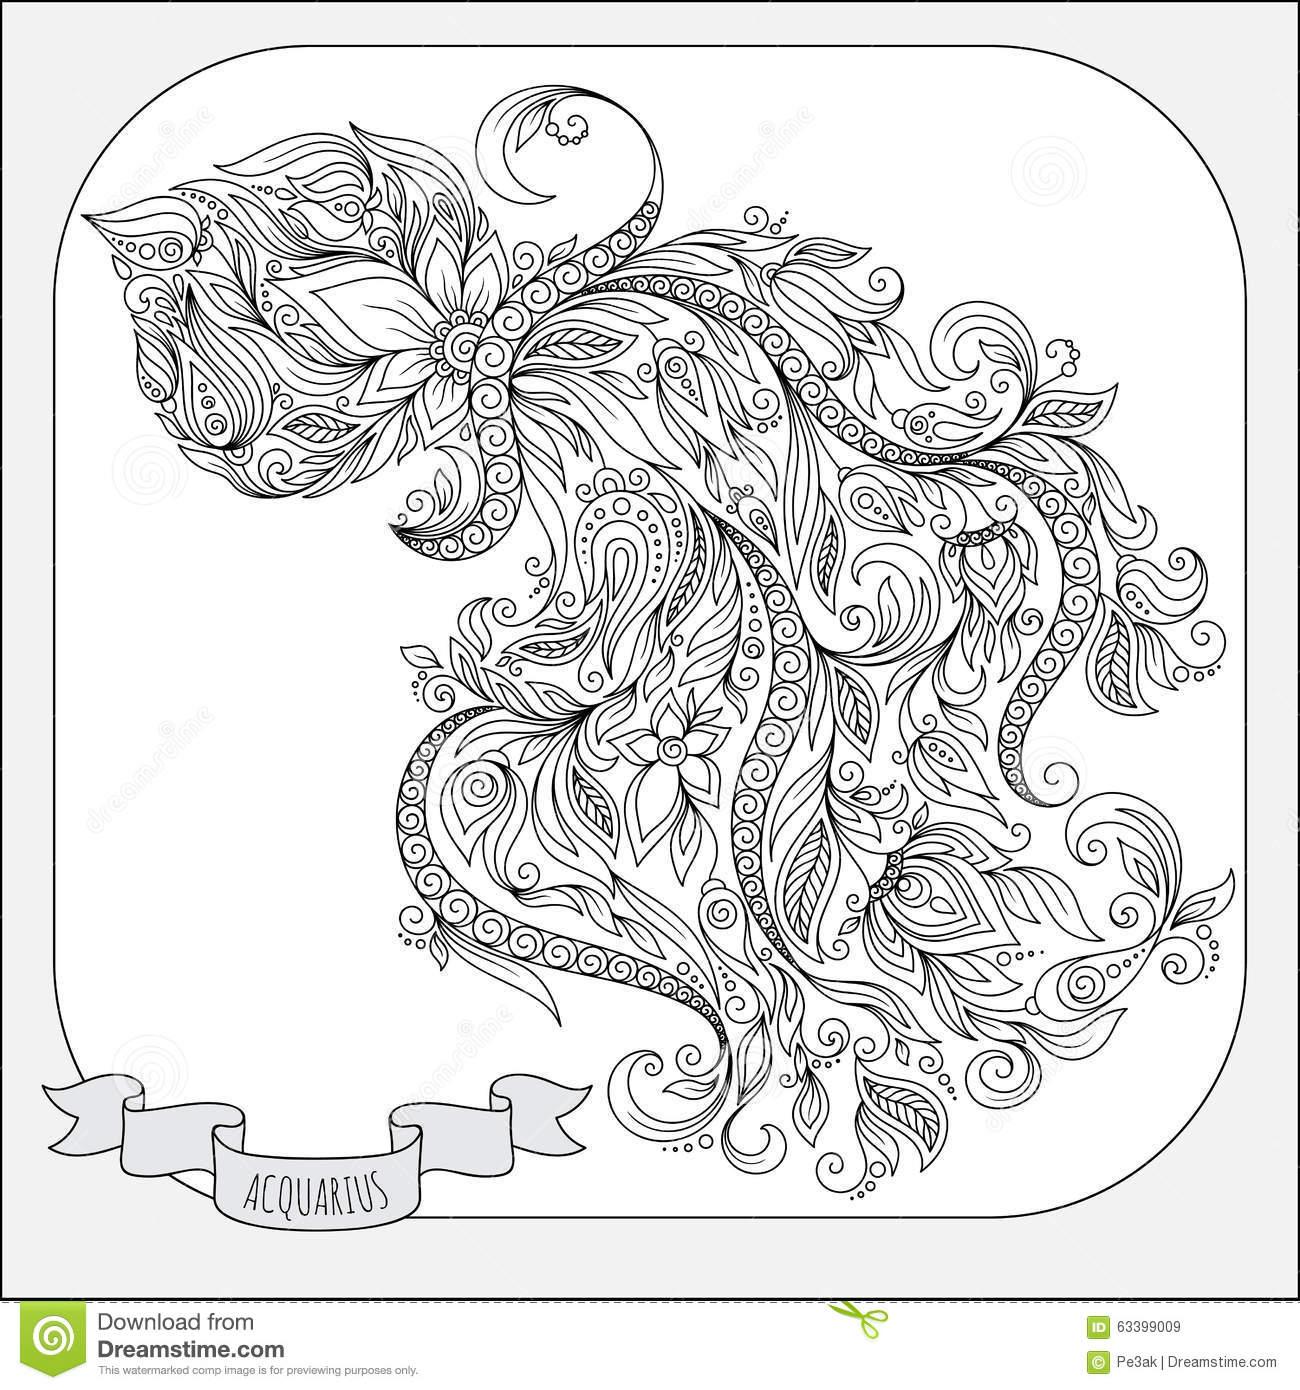 Aquarius (Astrology) coloring #12, Download drawings